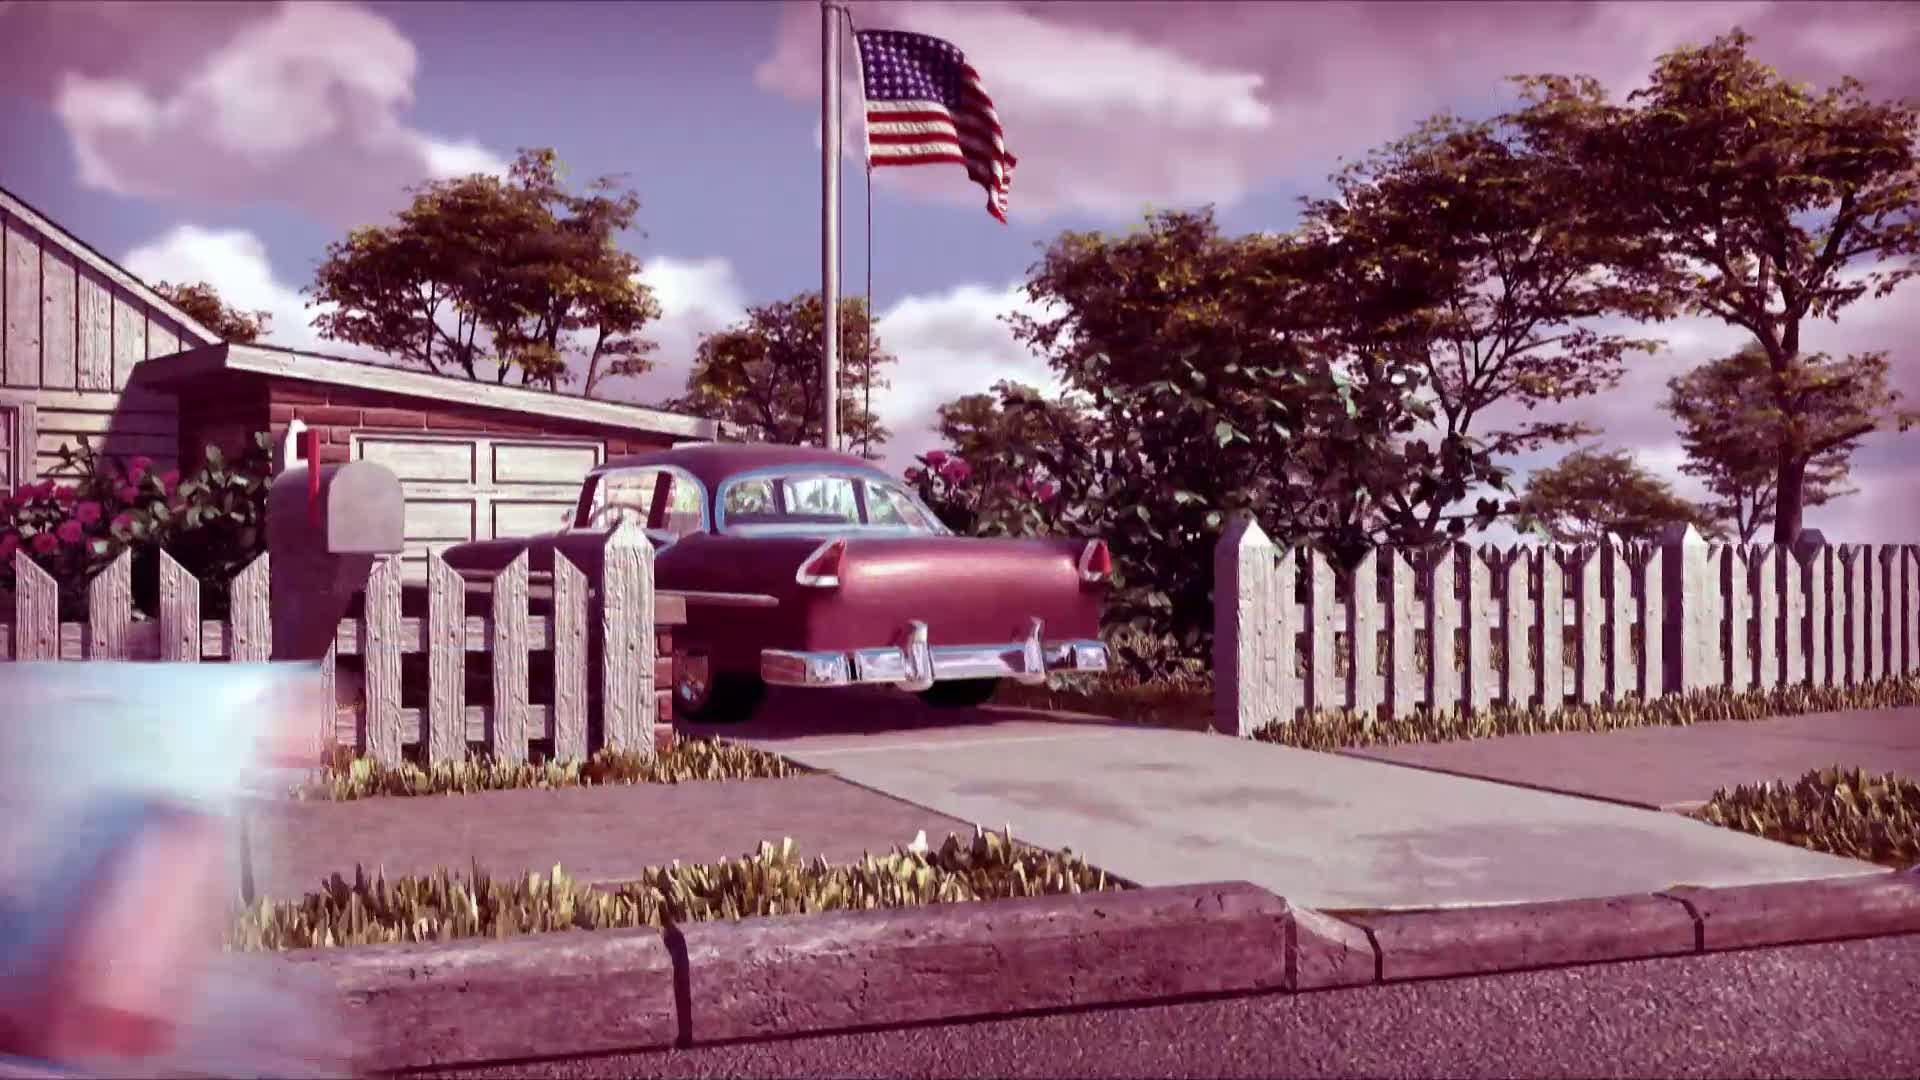 Trailer #2 | 1950s Lawn Mower Kids